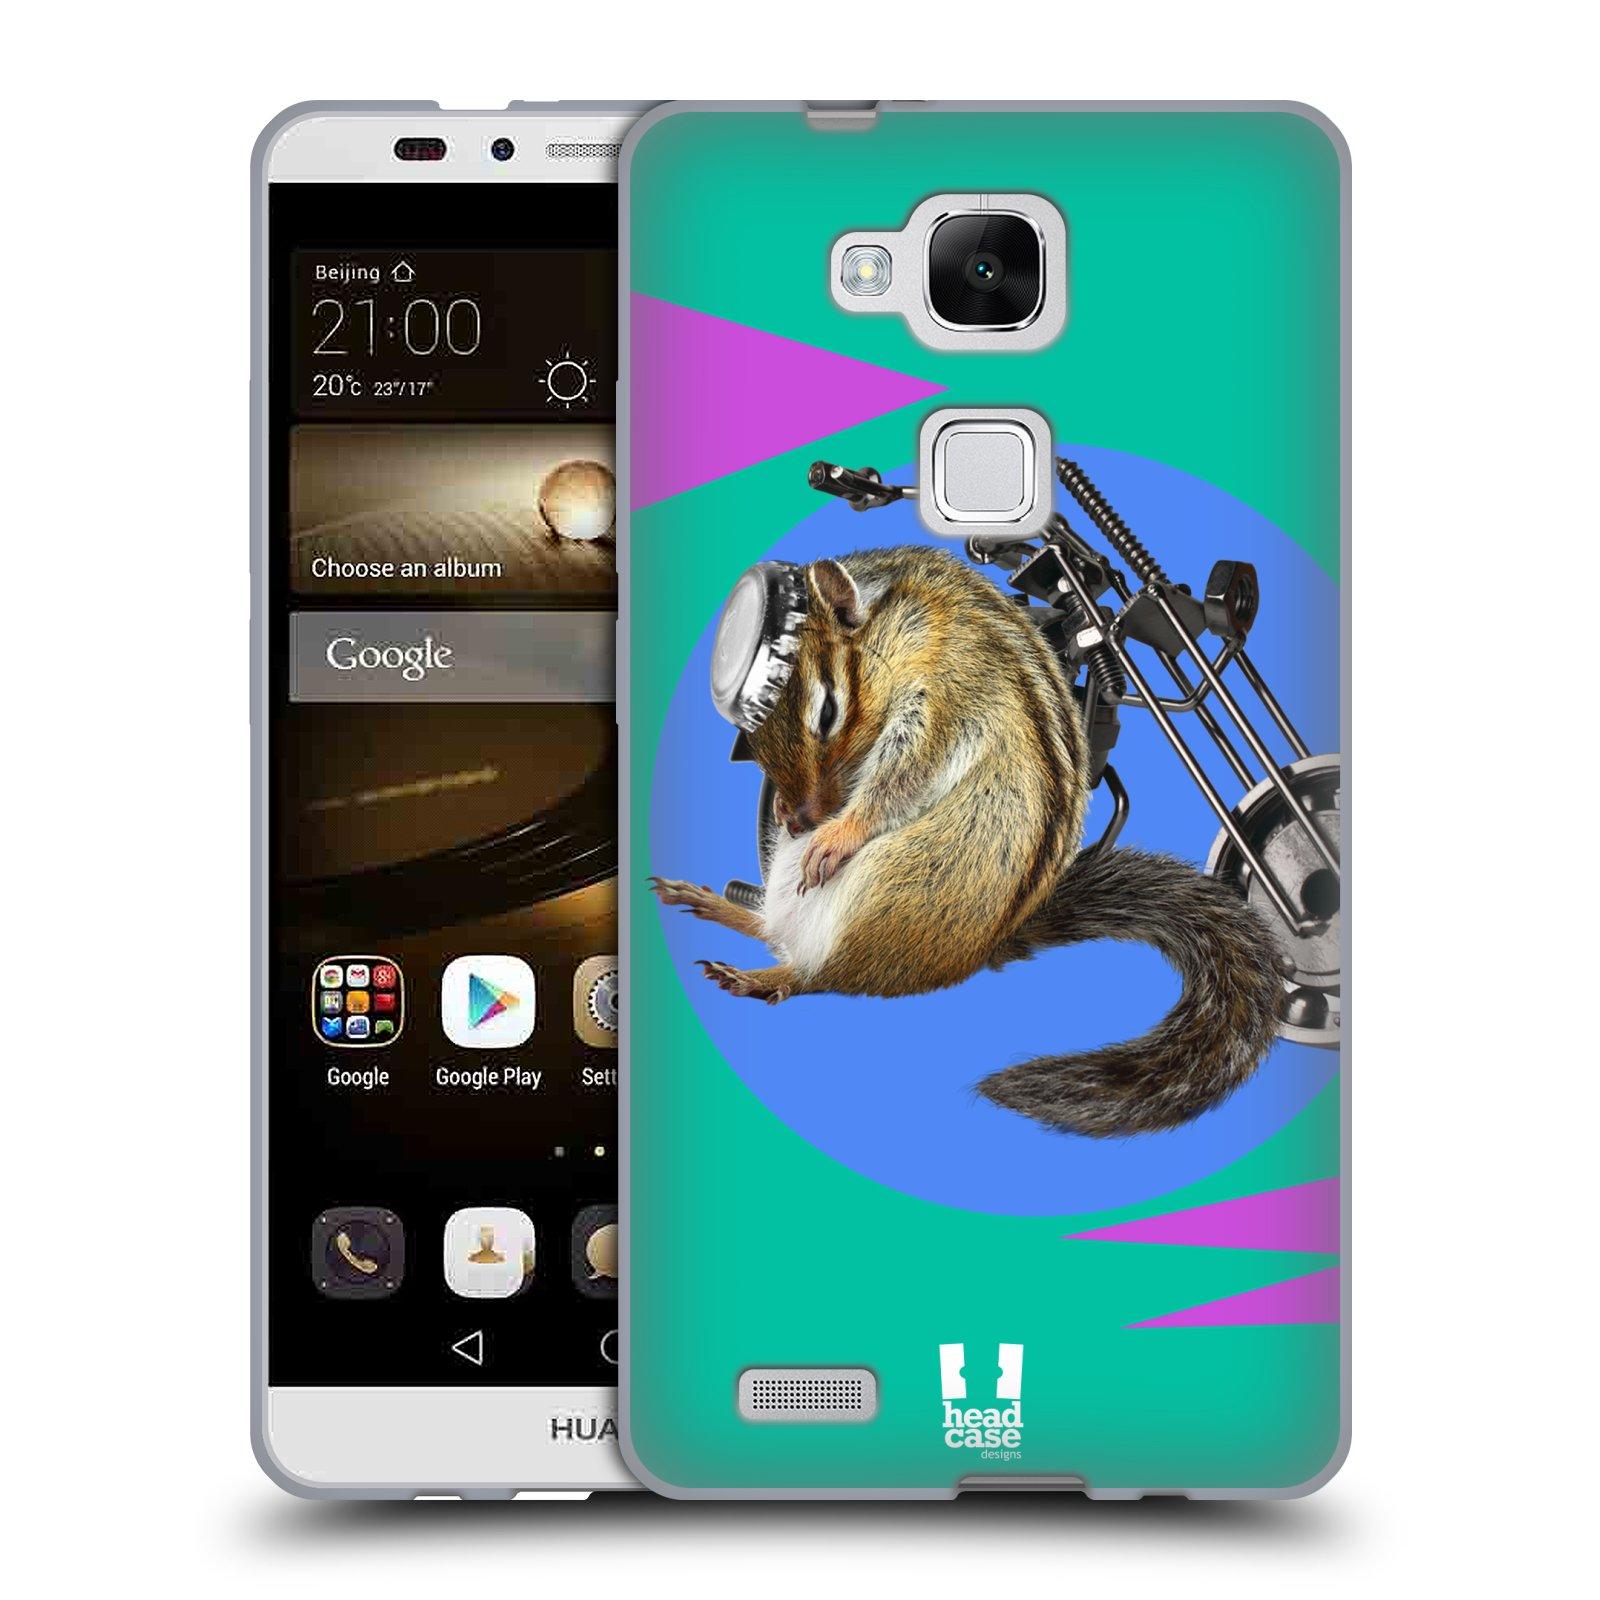 HEAD CASE silikonový obal na mobil Huawei Ascend MATE 7 Legrační zvířátka veverka motorkář chipmunk